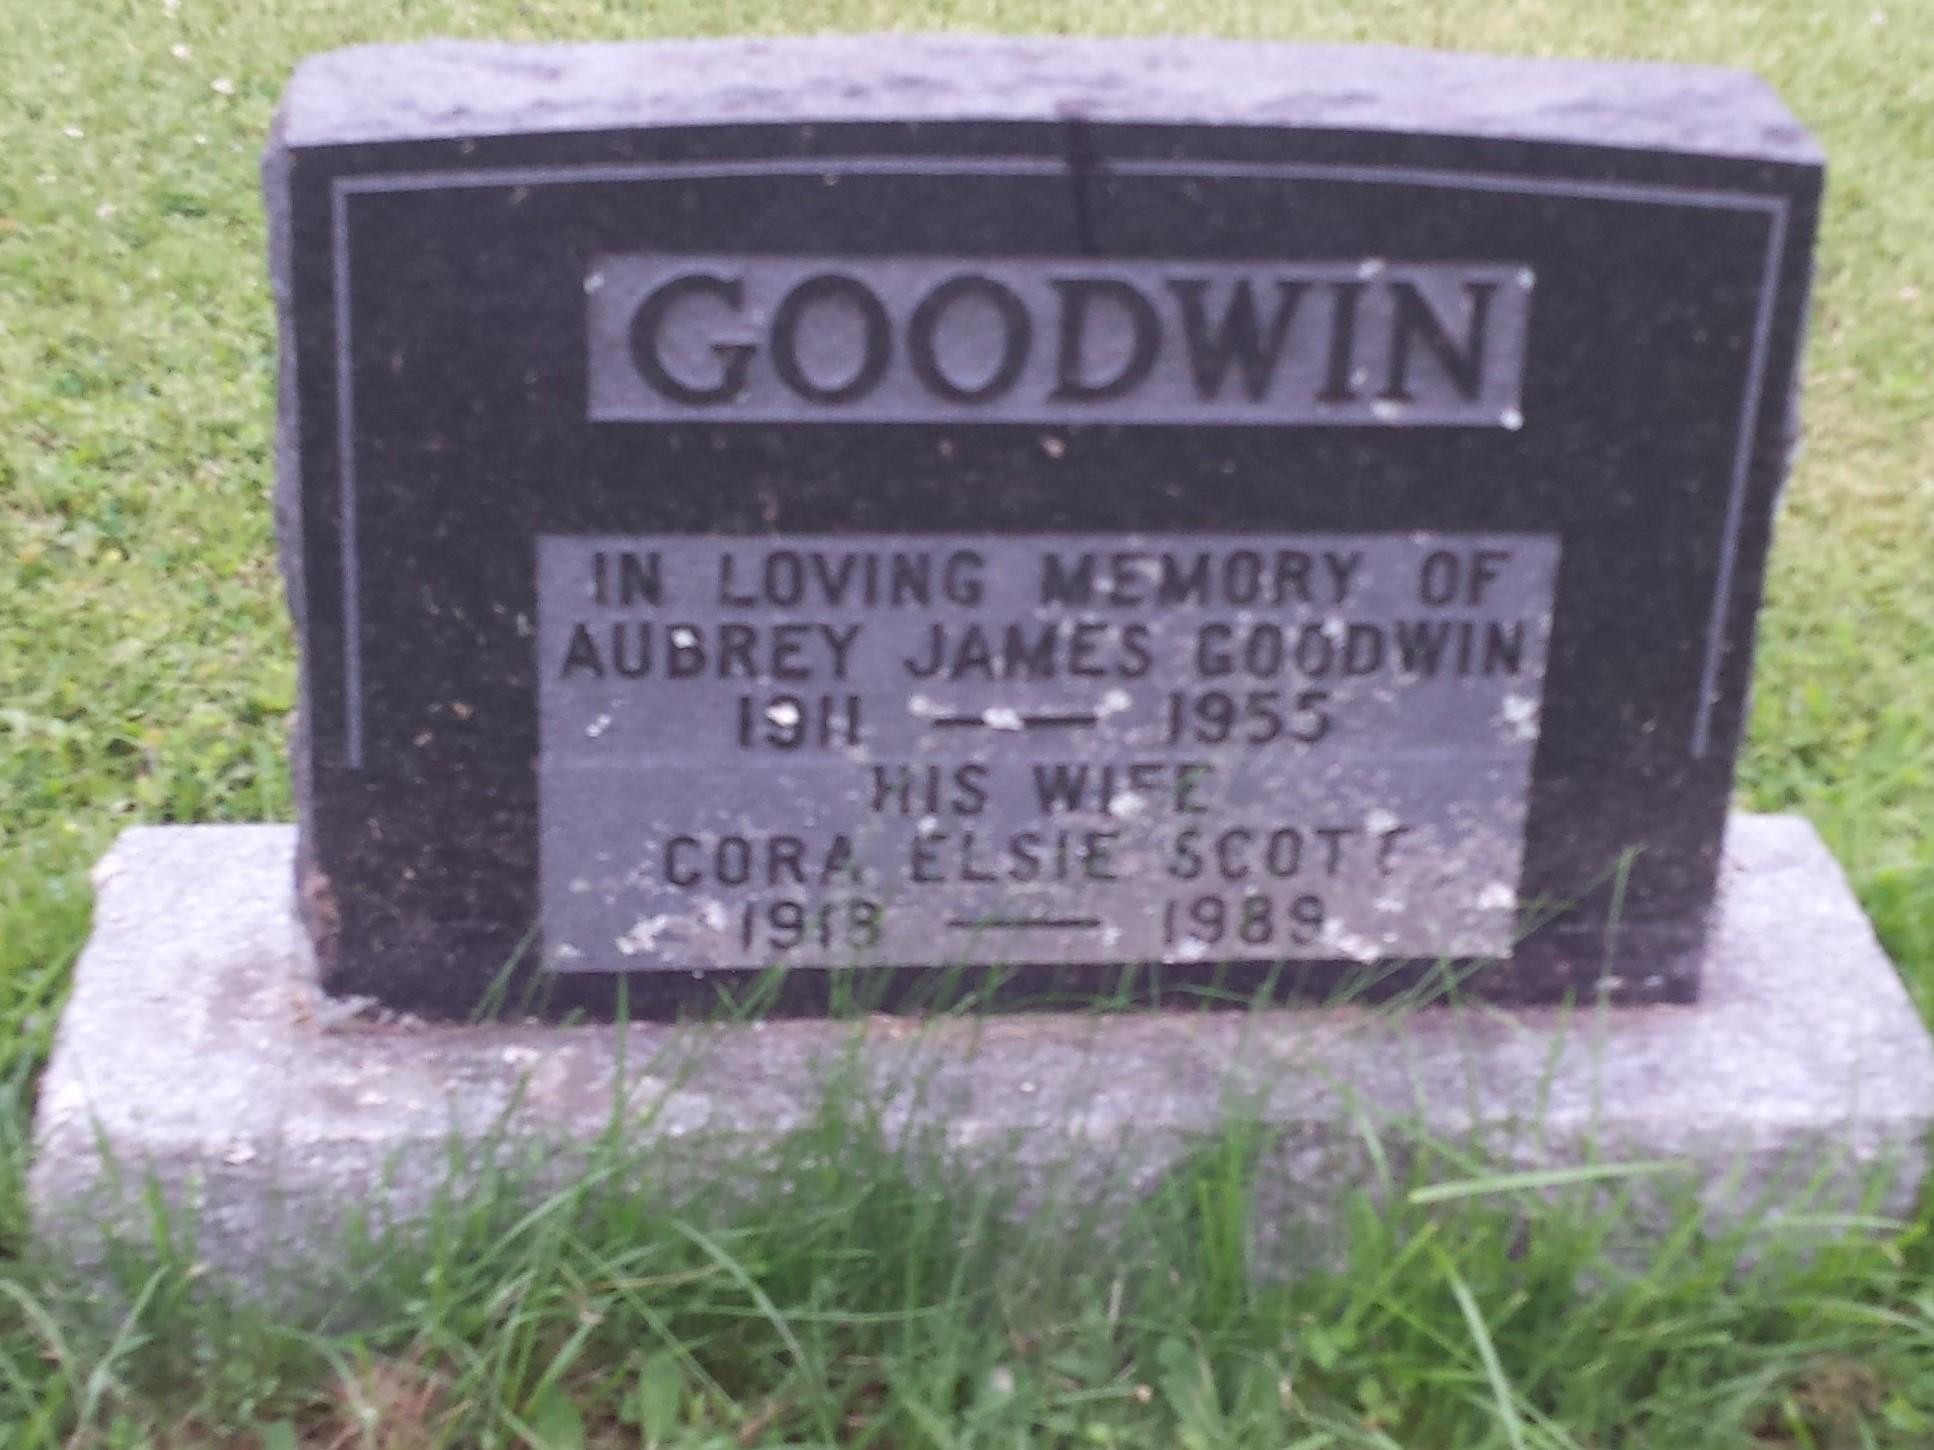 Aubrey James Goodwin